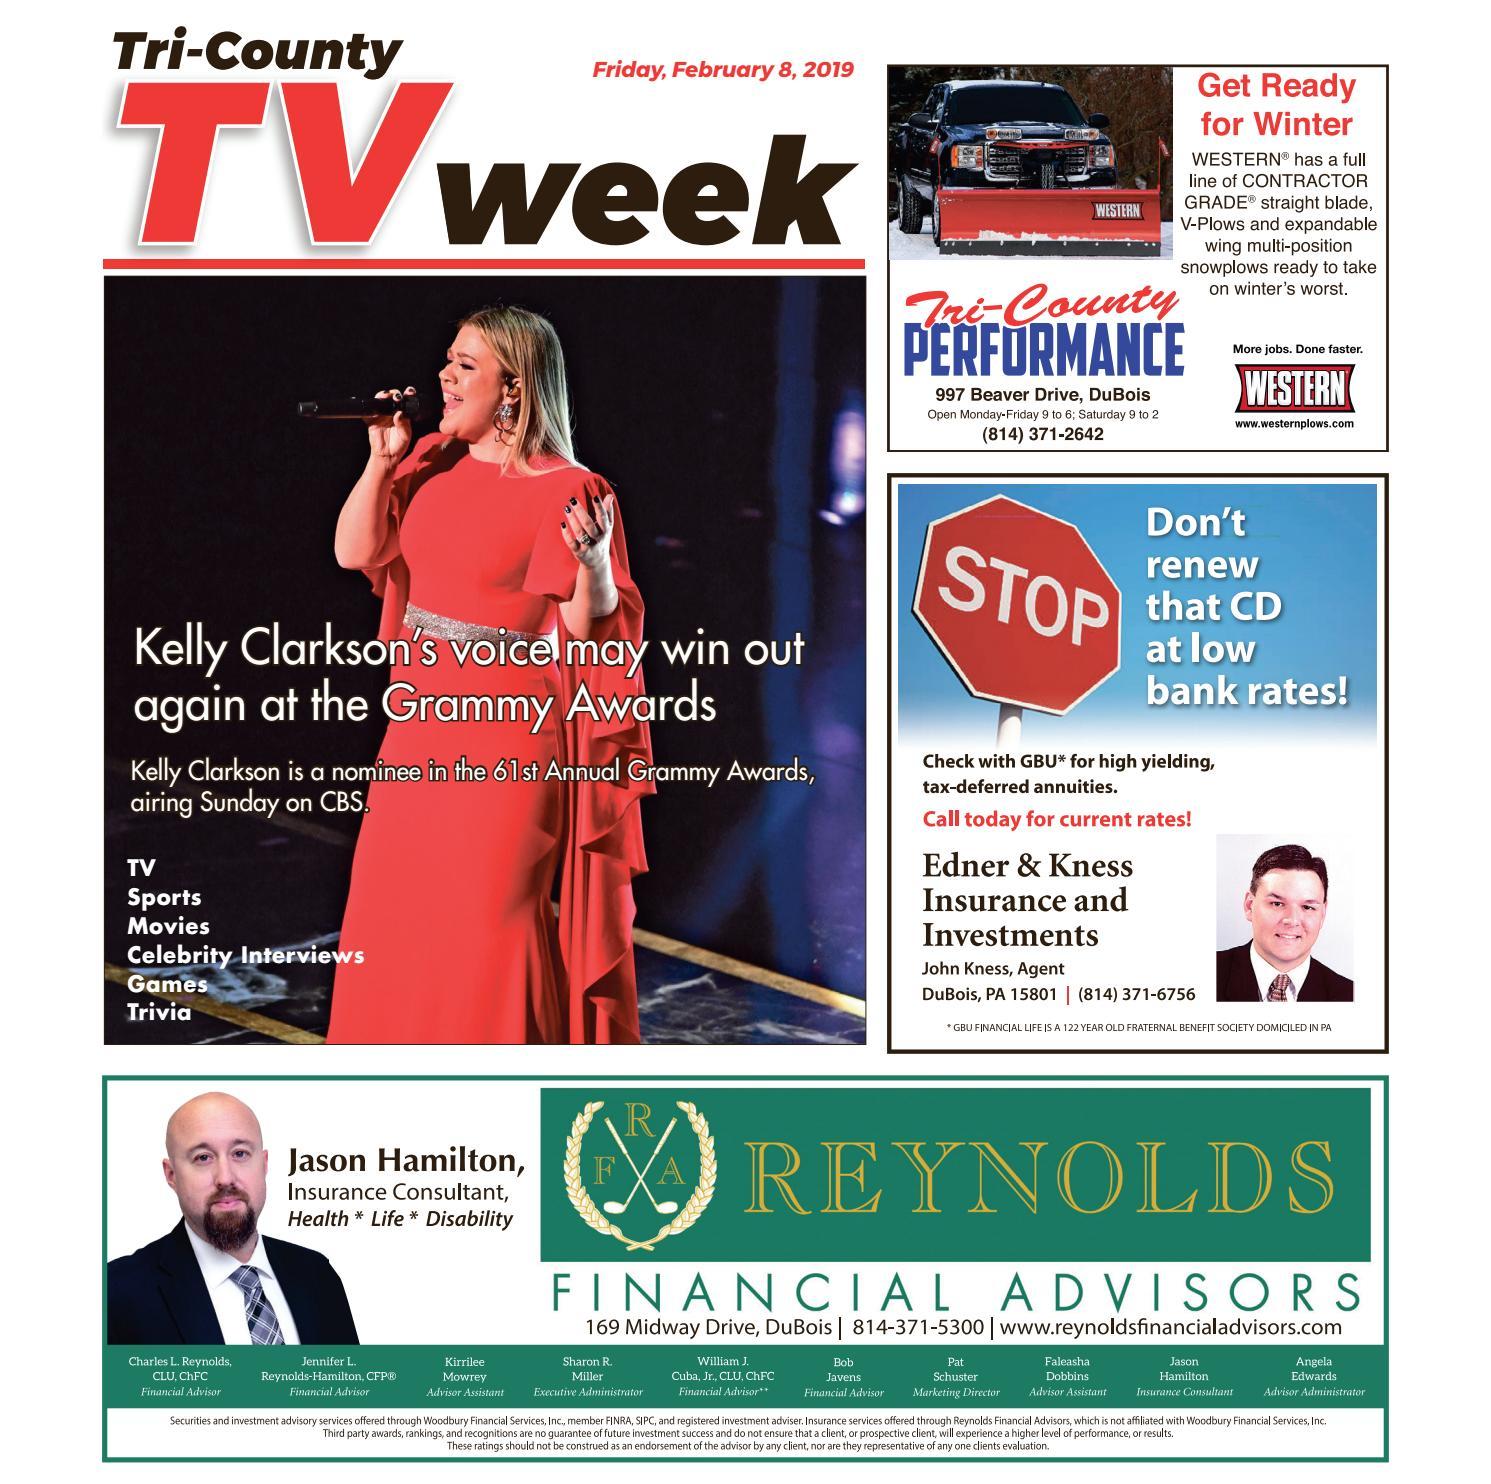 TV Week, Friday, February 8, 2019 by Tri-County TV Week - issuu